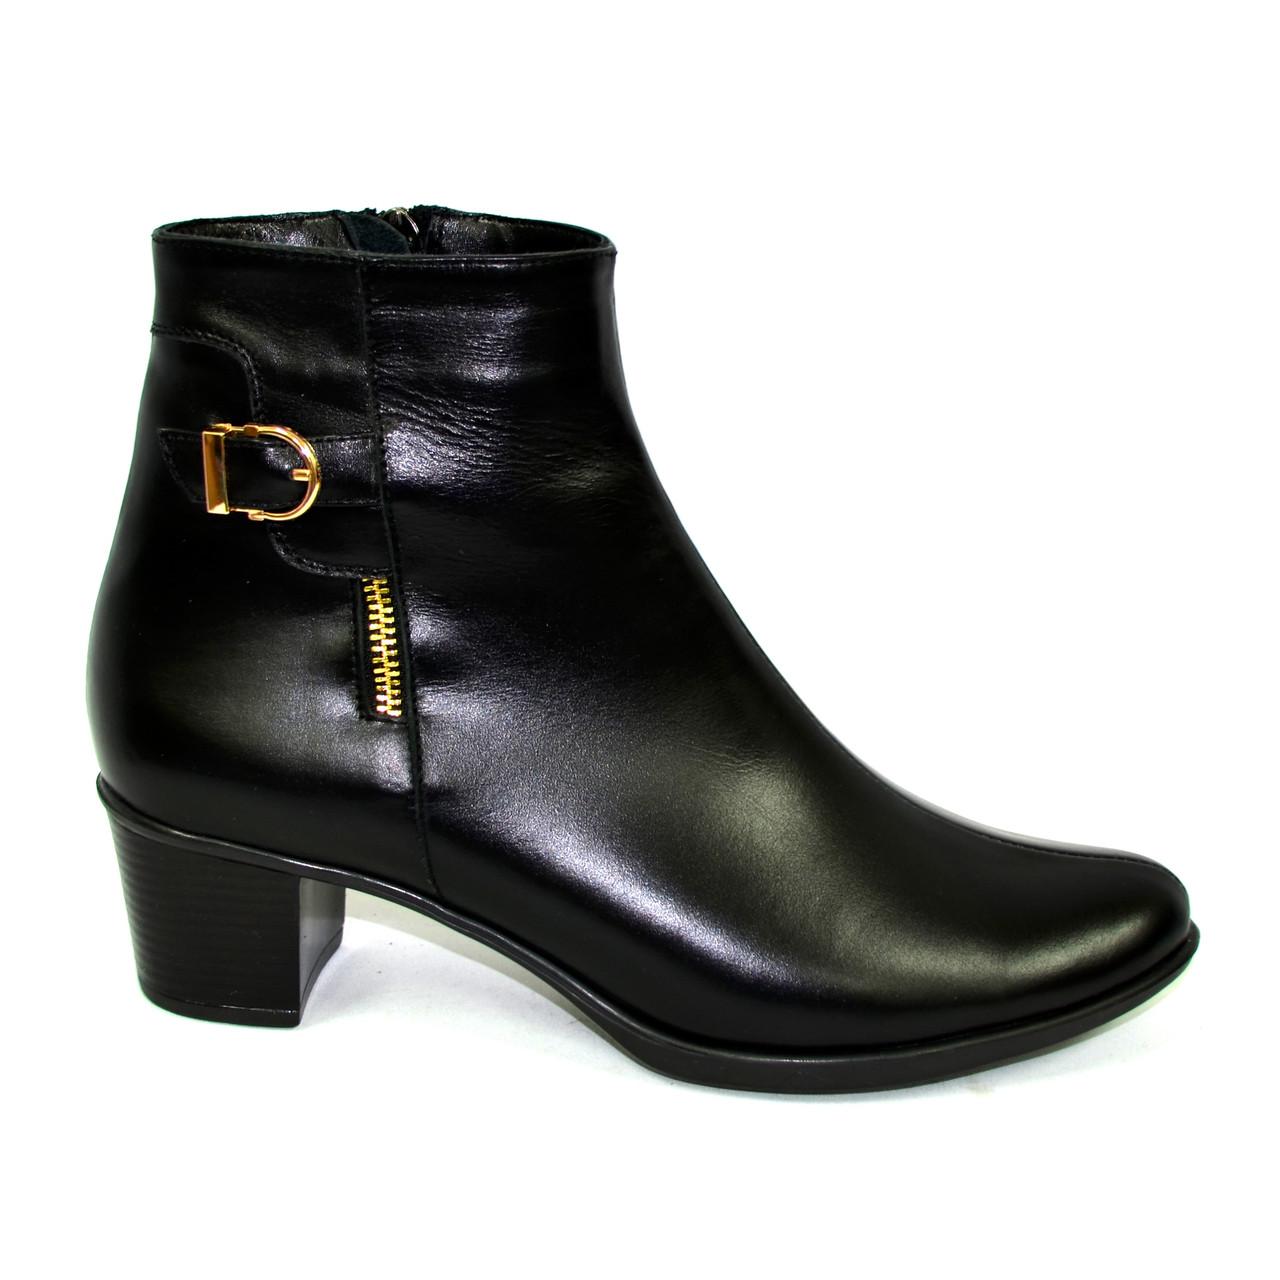 Женские классические кожаные демисезонные полуботинки на устойчивом каблуке